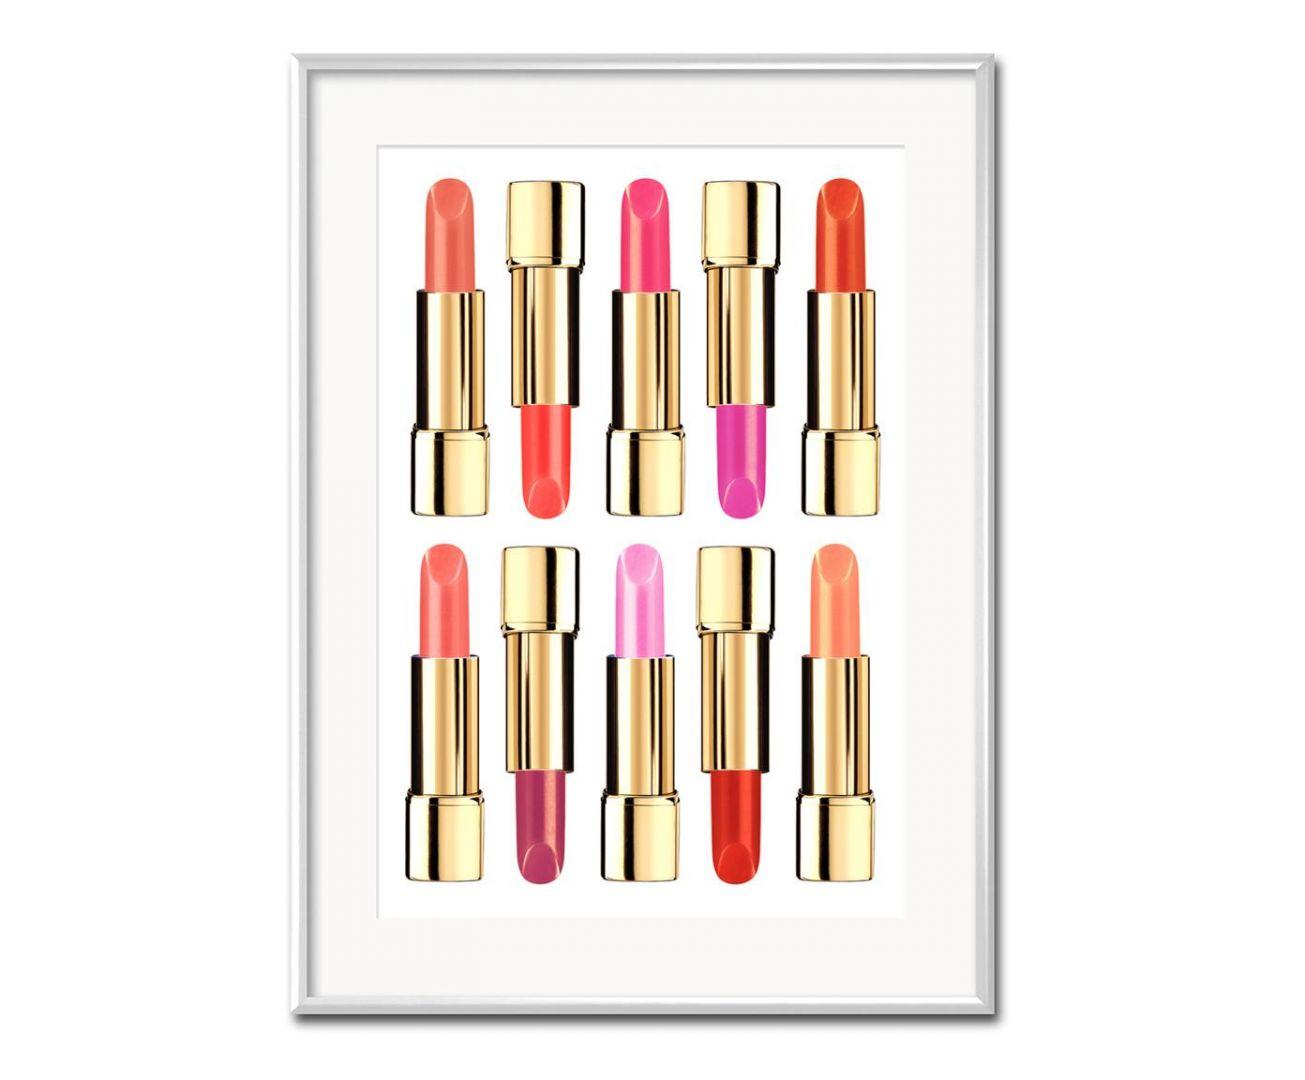 Dekoracja ścienna Lipstick z typowo kobiecymi motywami ozdobią ścianę w strefie umywalki. 64,90 zł/sztuka. Fot. Westwing